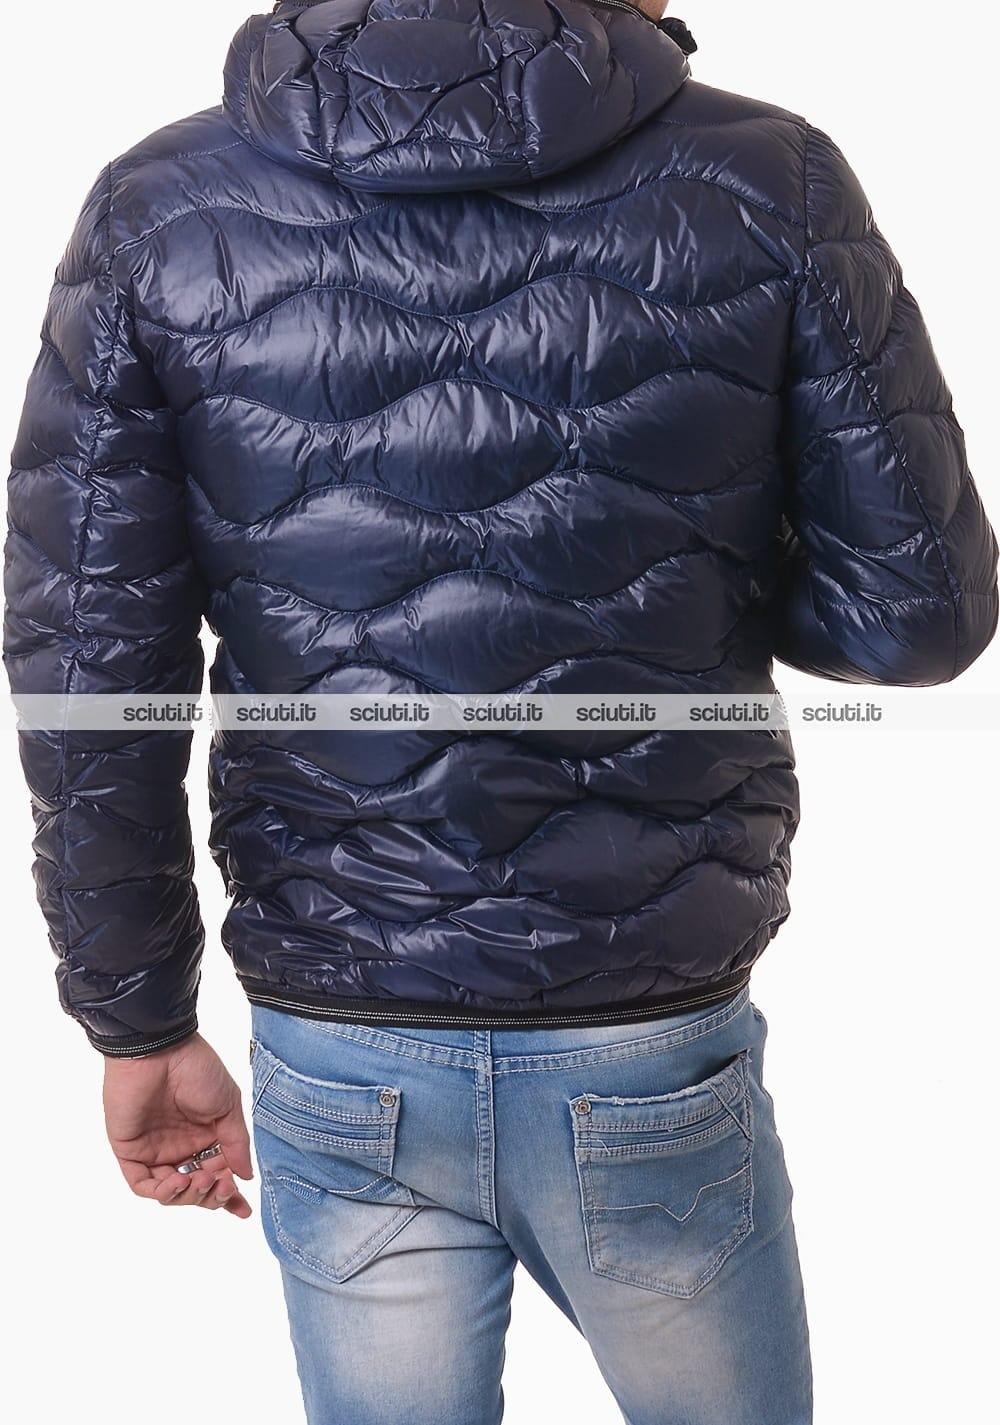 rieacb76d cappuccio piumino con blauer smanicato giacche